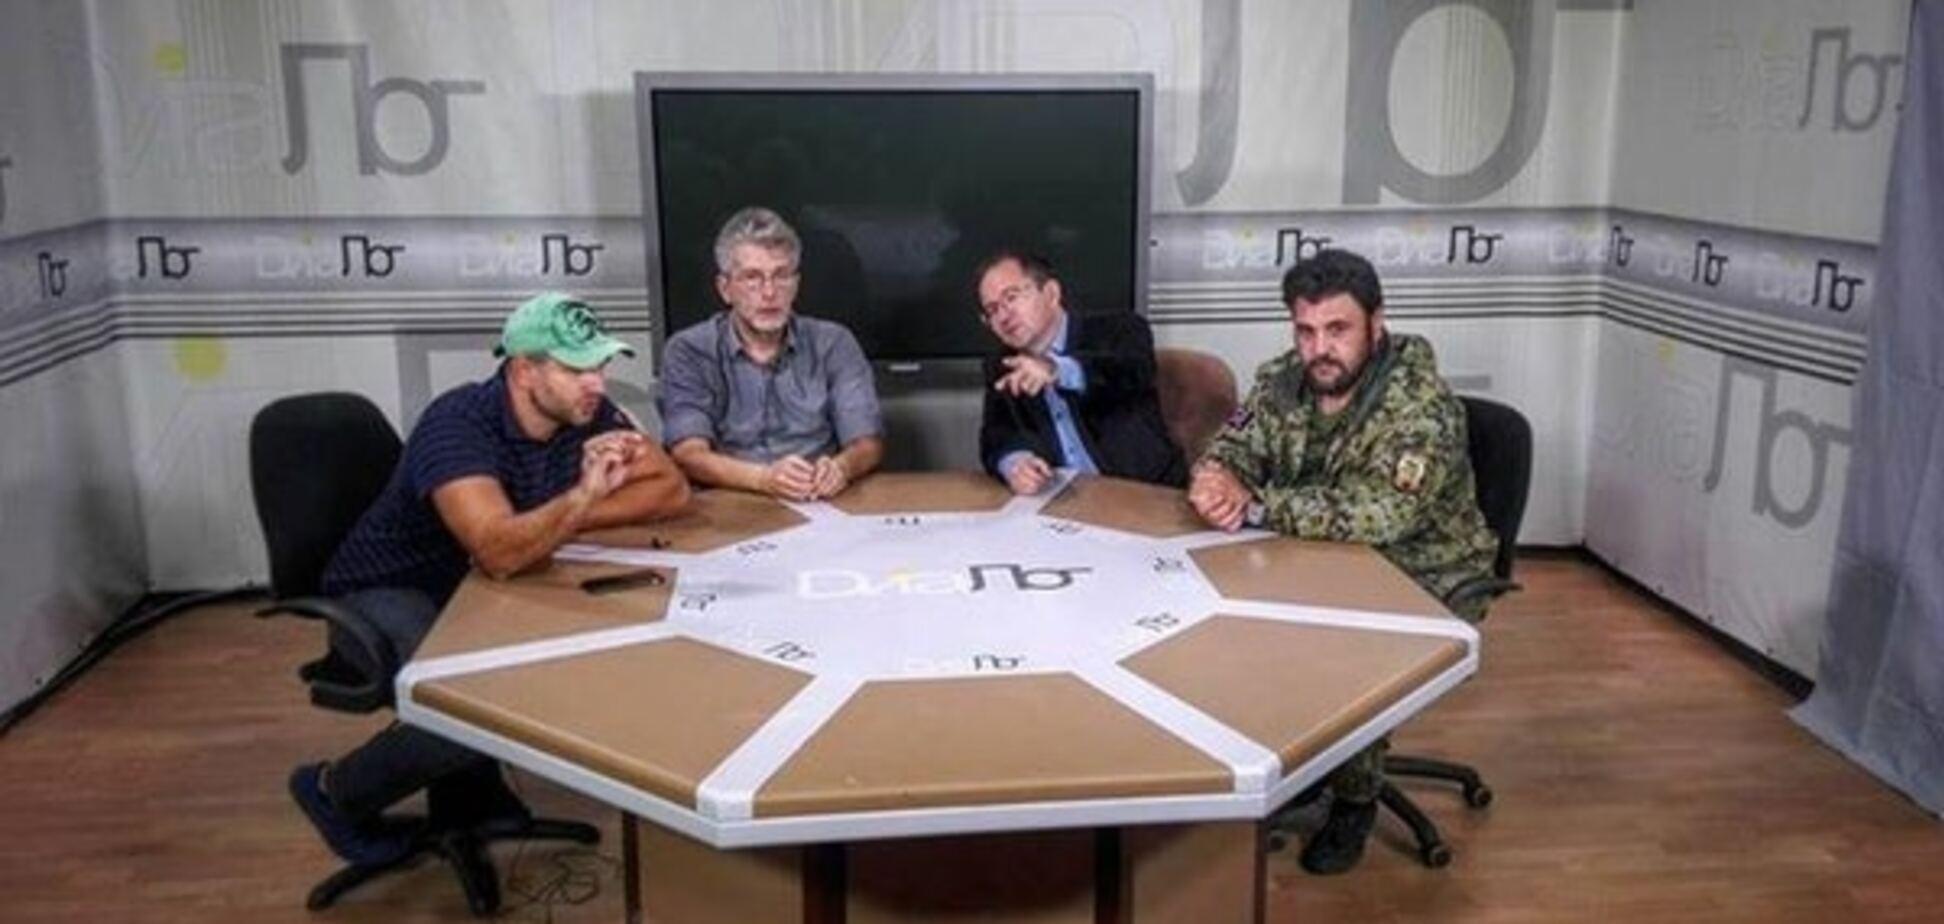 'Зрада' и 'честный' журналист: соцсети оценили визит Куликова к террористам